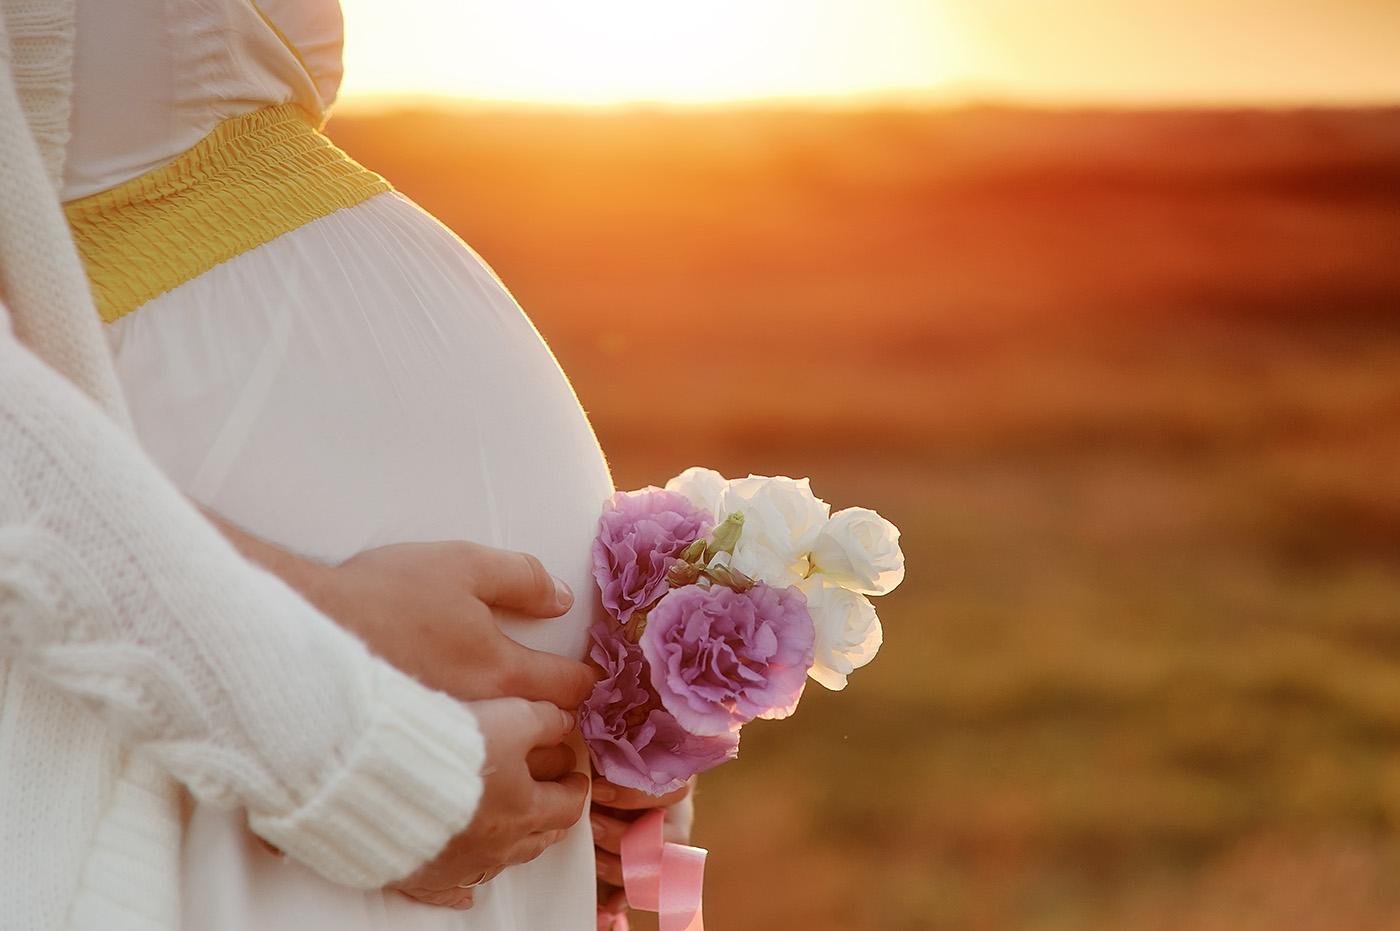 accompagnement à la grossesse et à la naissance